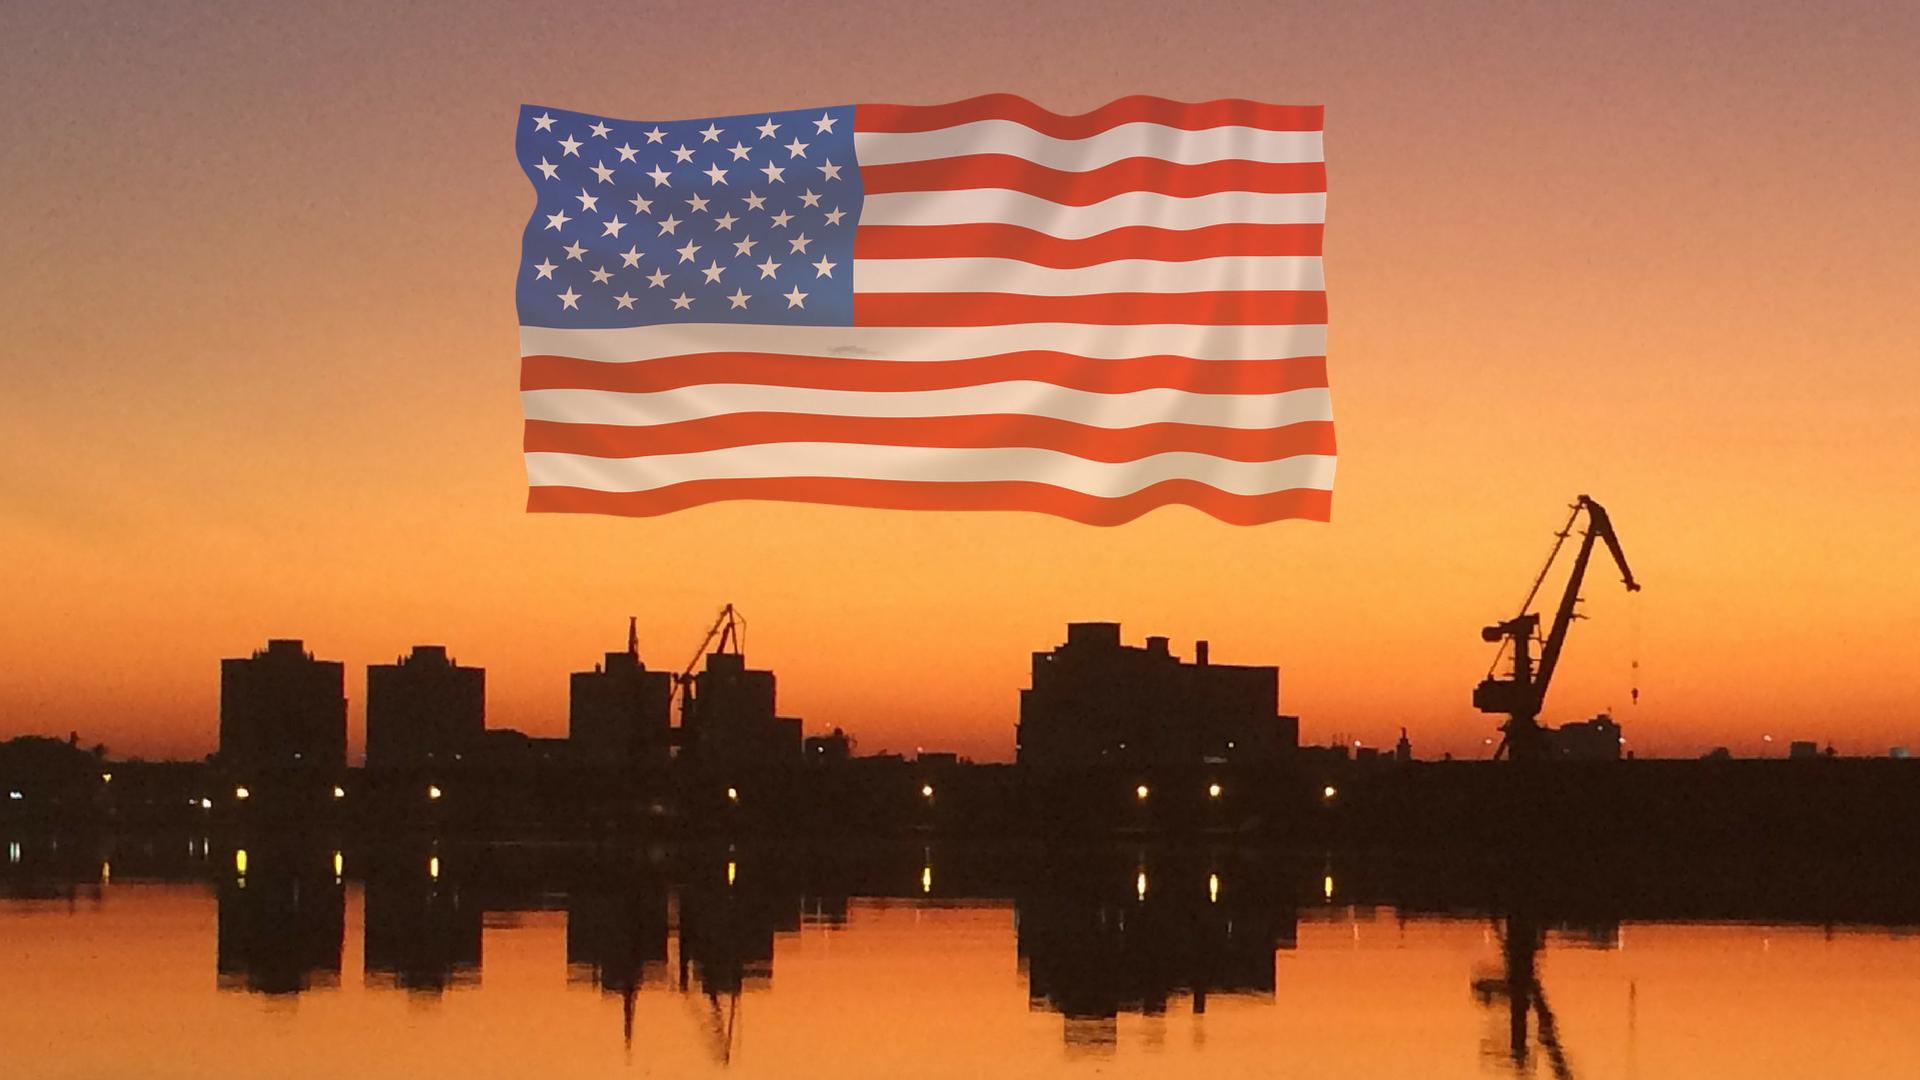 visto-americano-em-porto-alegre  Visto Americano